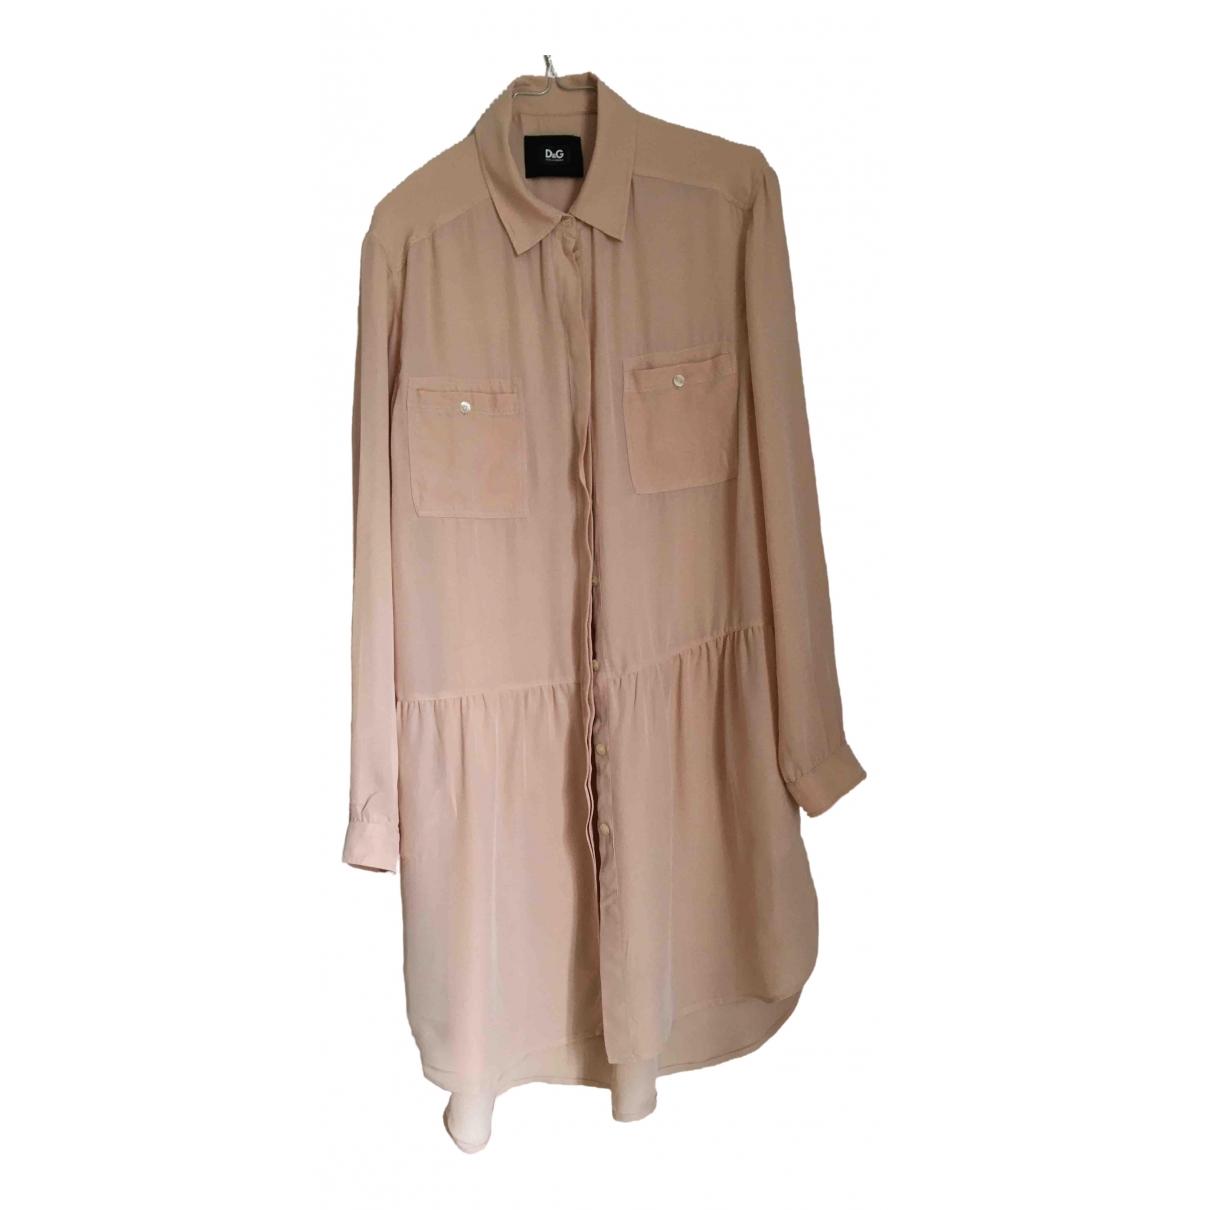 D&g \N Pink Silk dress for Women 42 FR